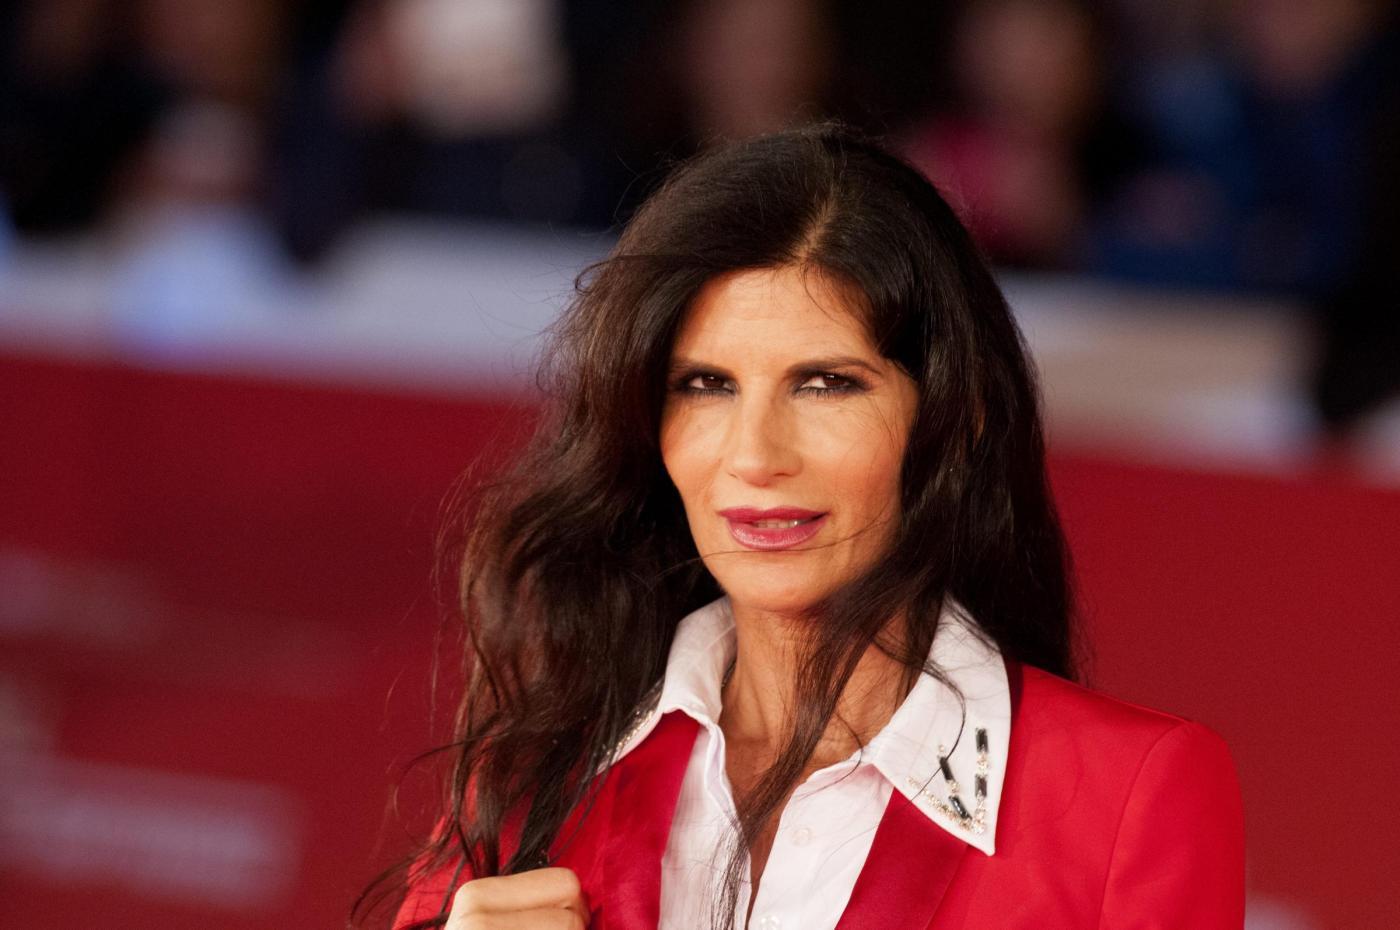 Pamela Prati contro Bettarini: 'Lo querelo se scopro che si riferiva a me'